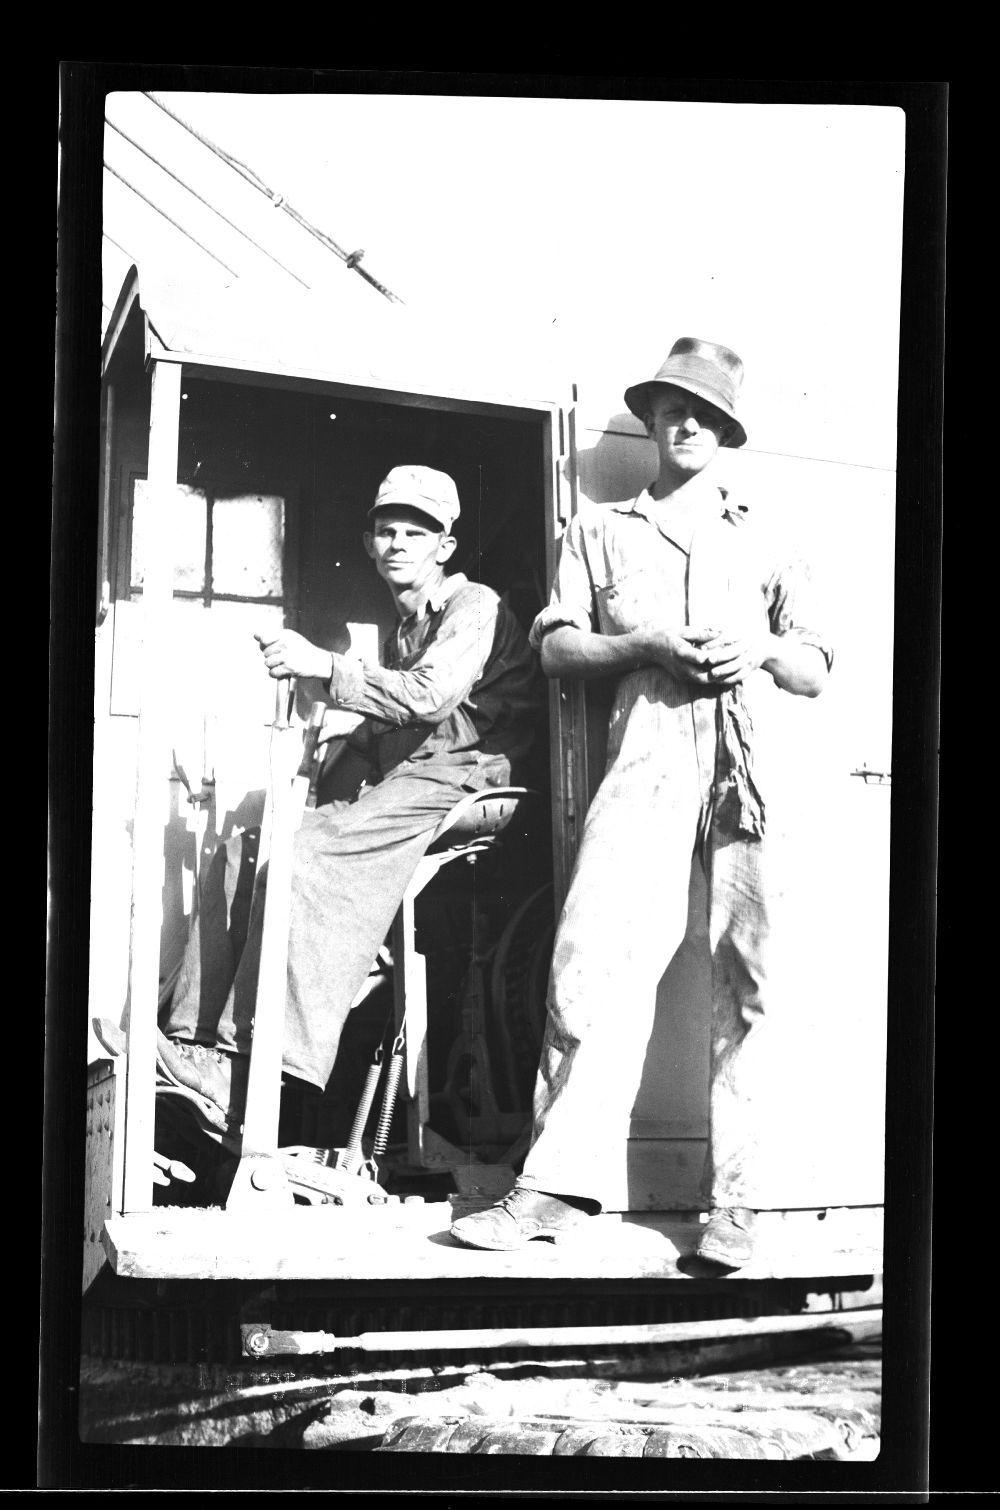 Construction workers, Marysville, Kansas